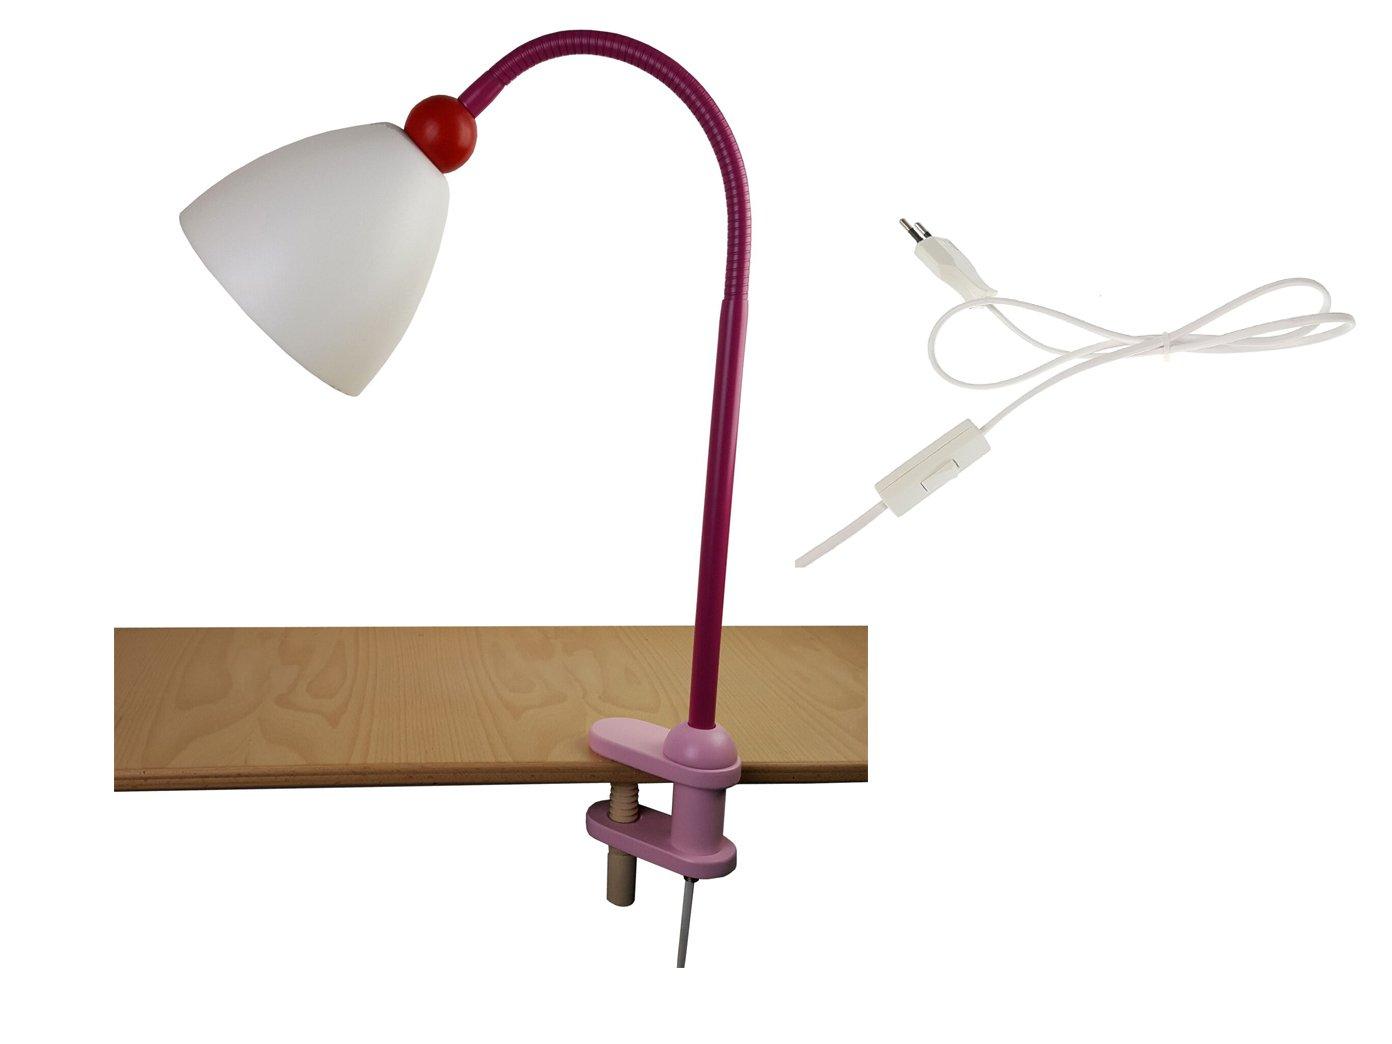 Biegsame LED Klammerleuchte, niedliche LED Leseleuchte für Mächen, LISA mit Schnurschalter + Flexrohr